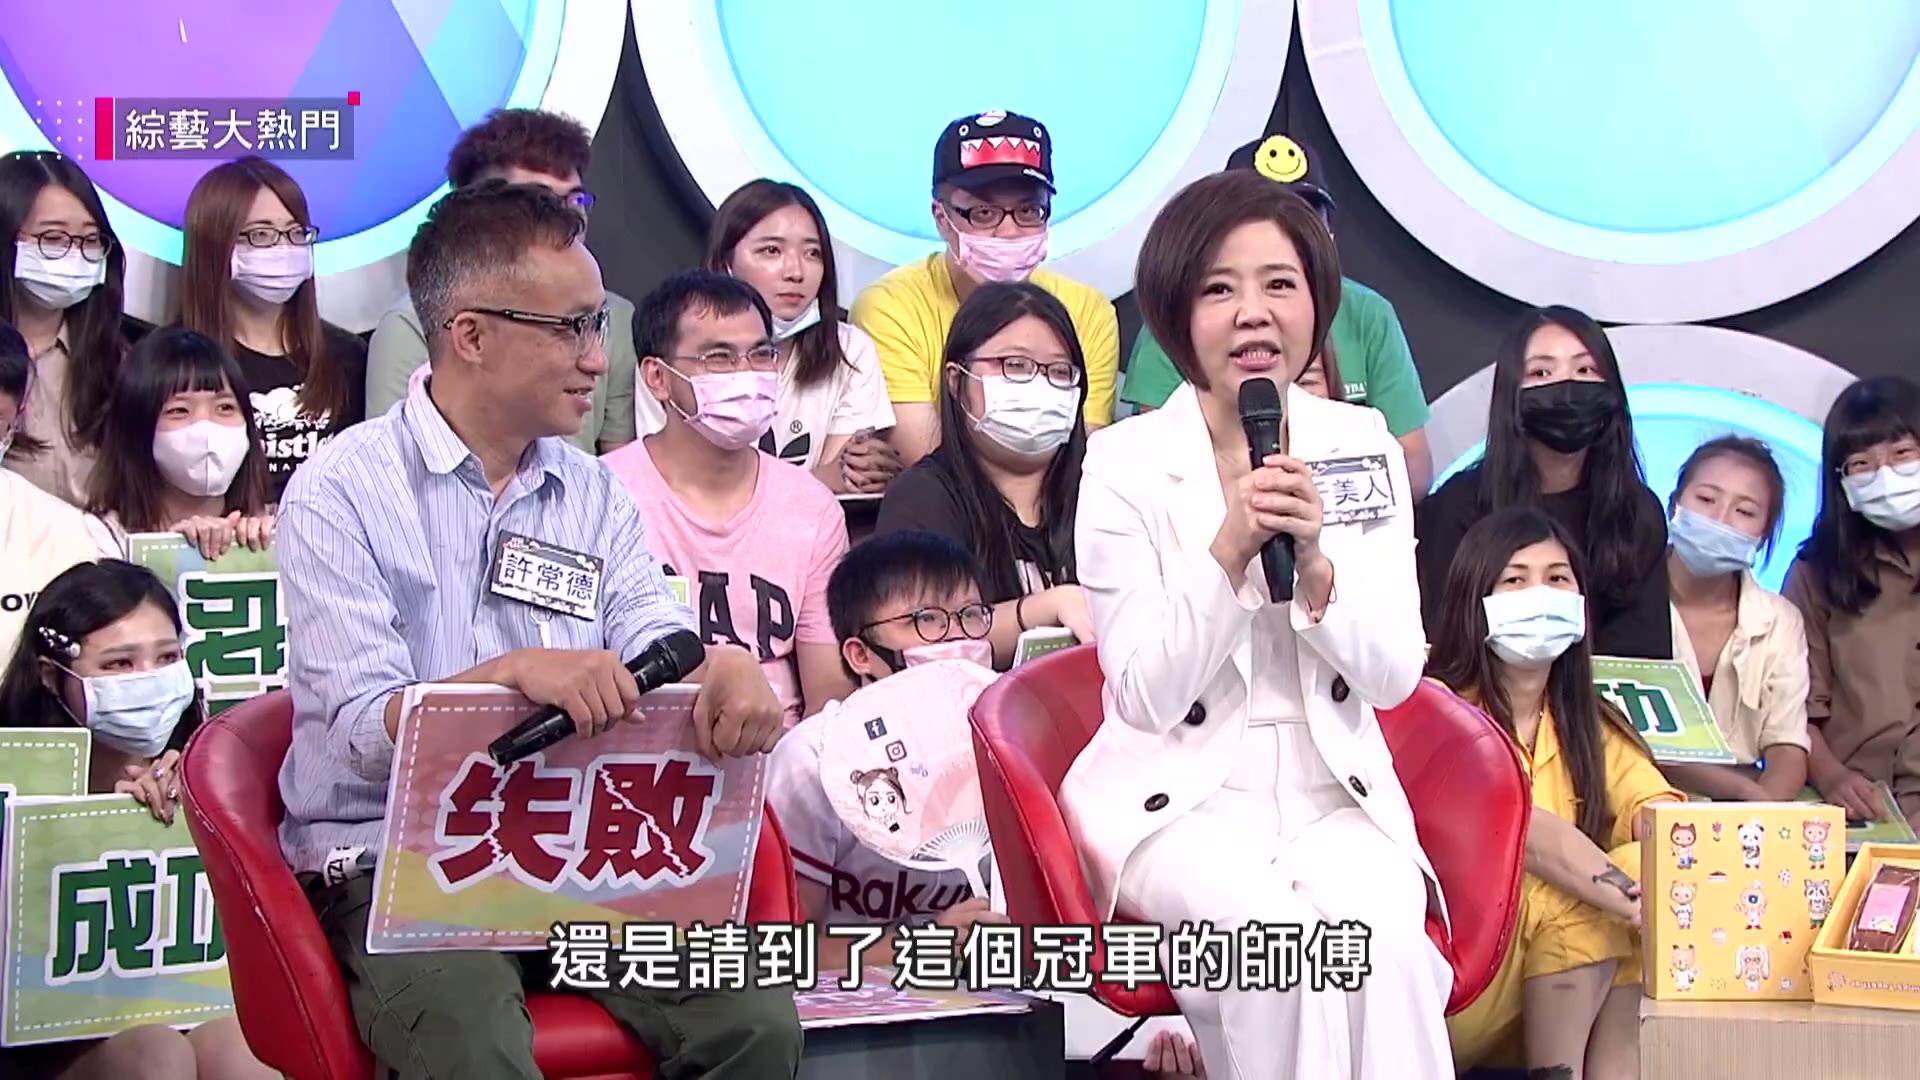 综艺大热门20200806- 网友开歌单 歌手最怕唱什么